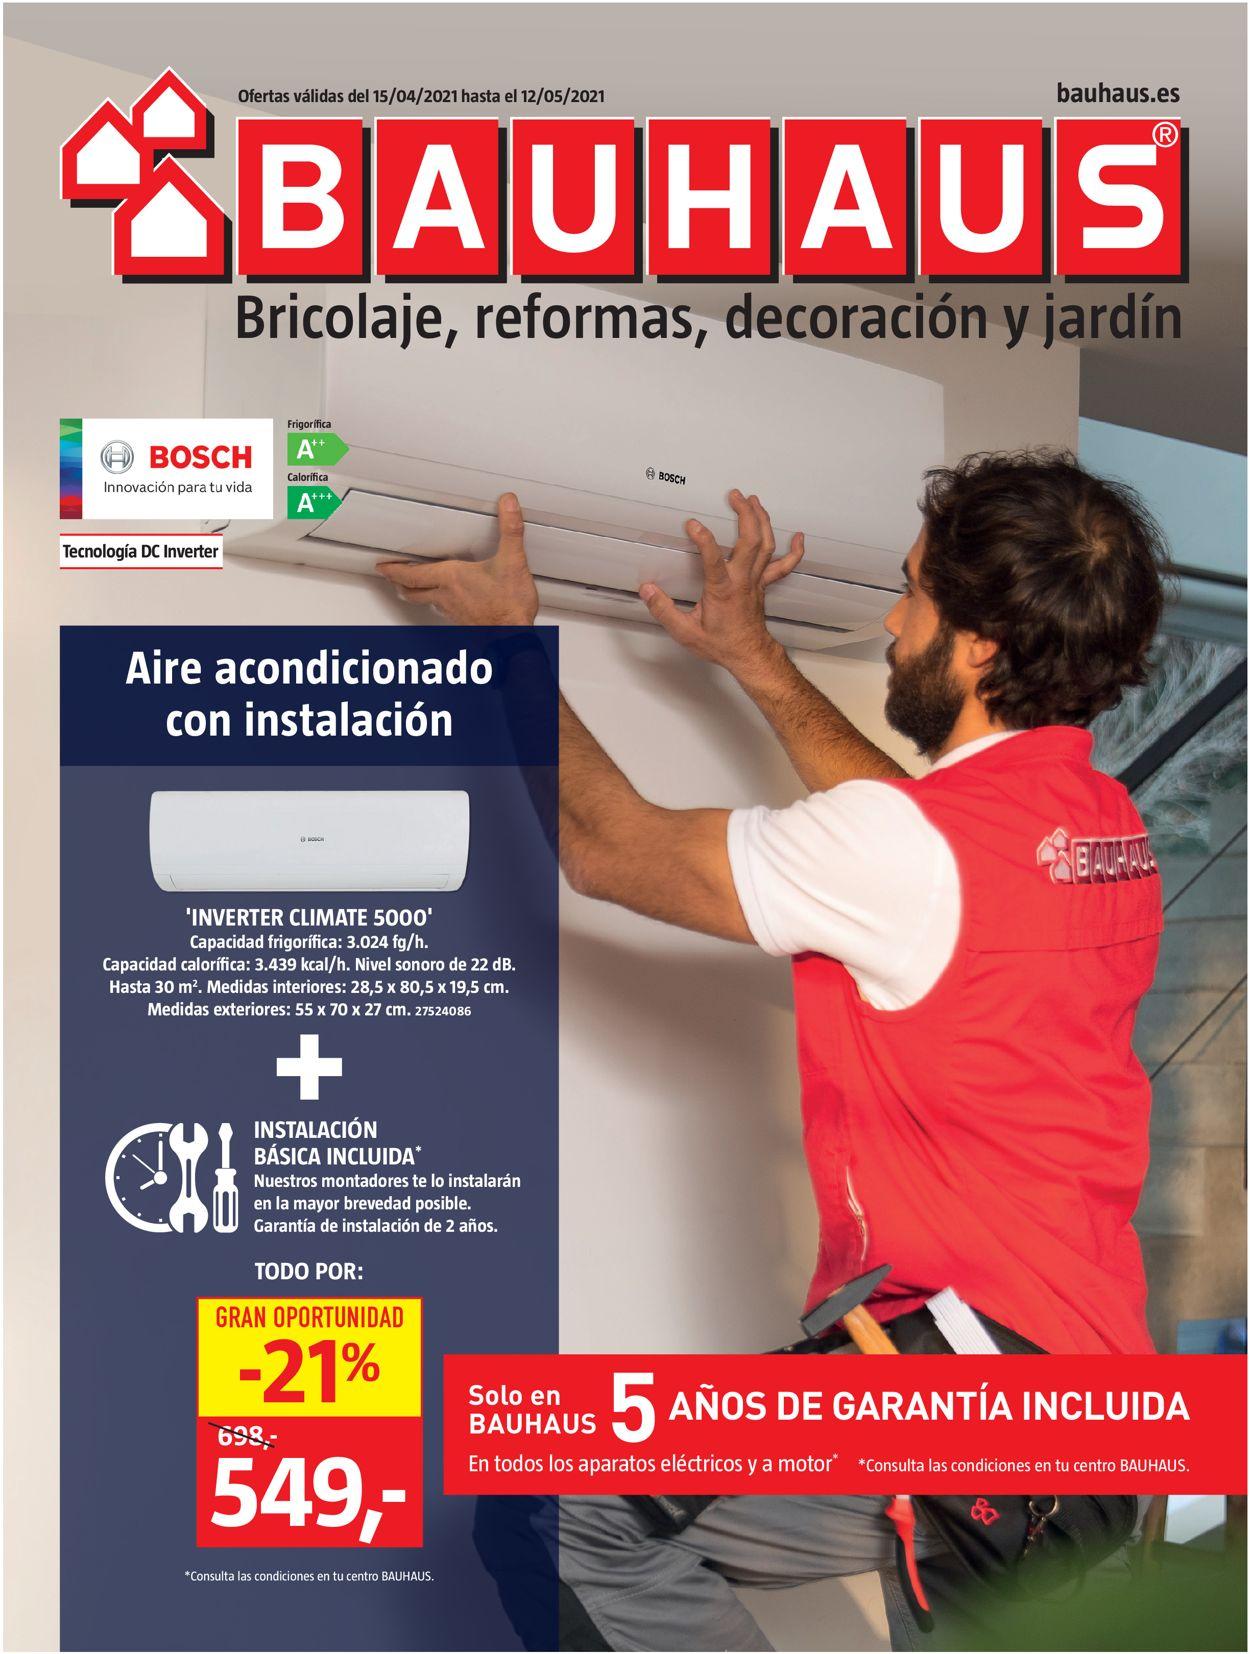 Bauhaus Folleto - 15.04-12.05.2021